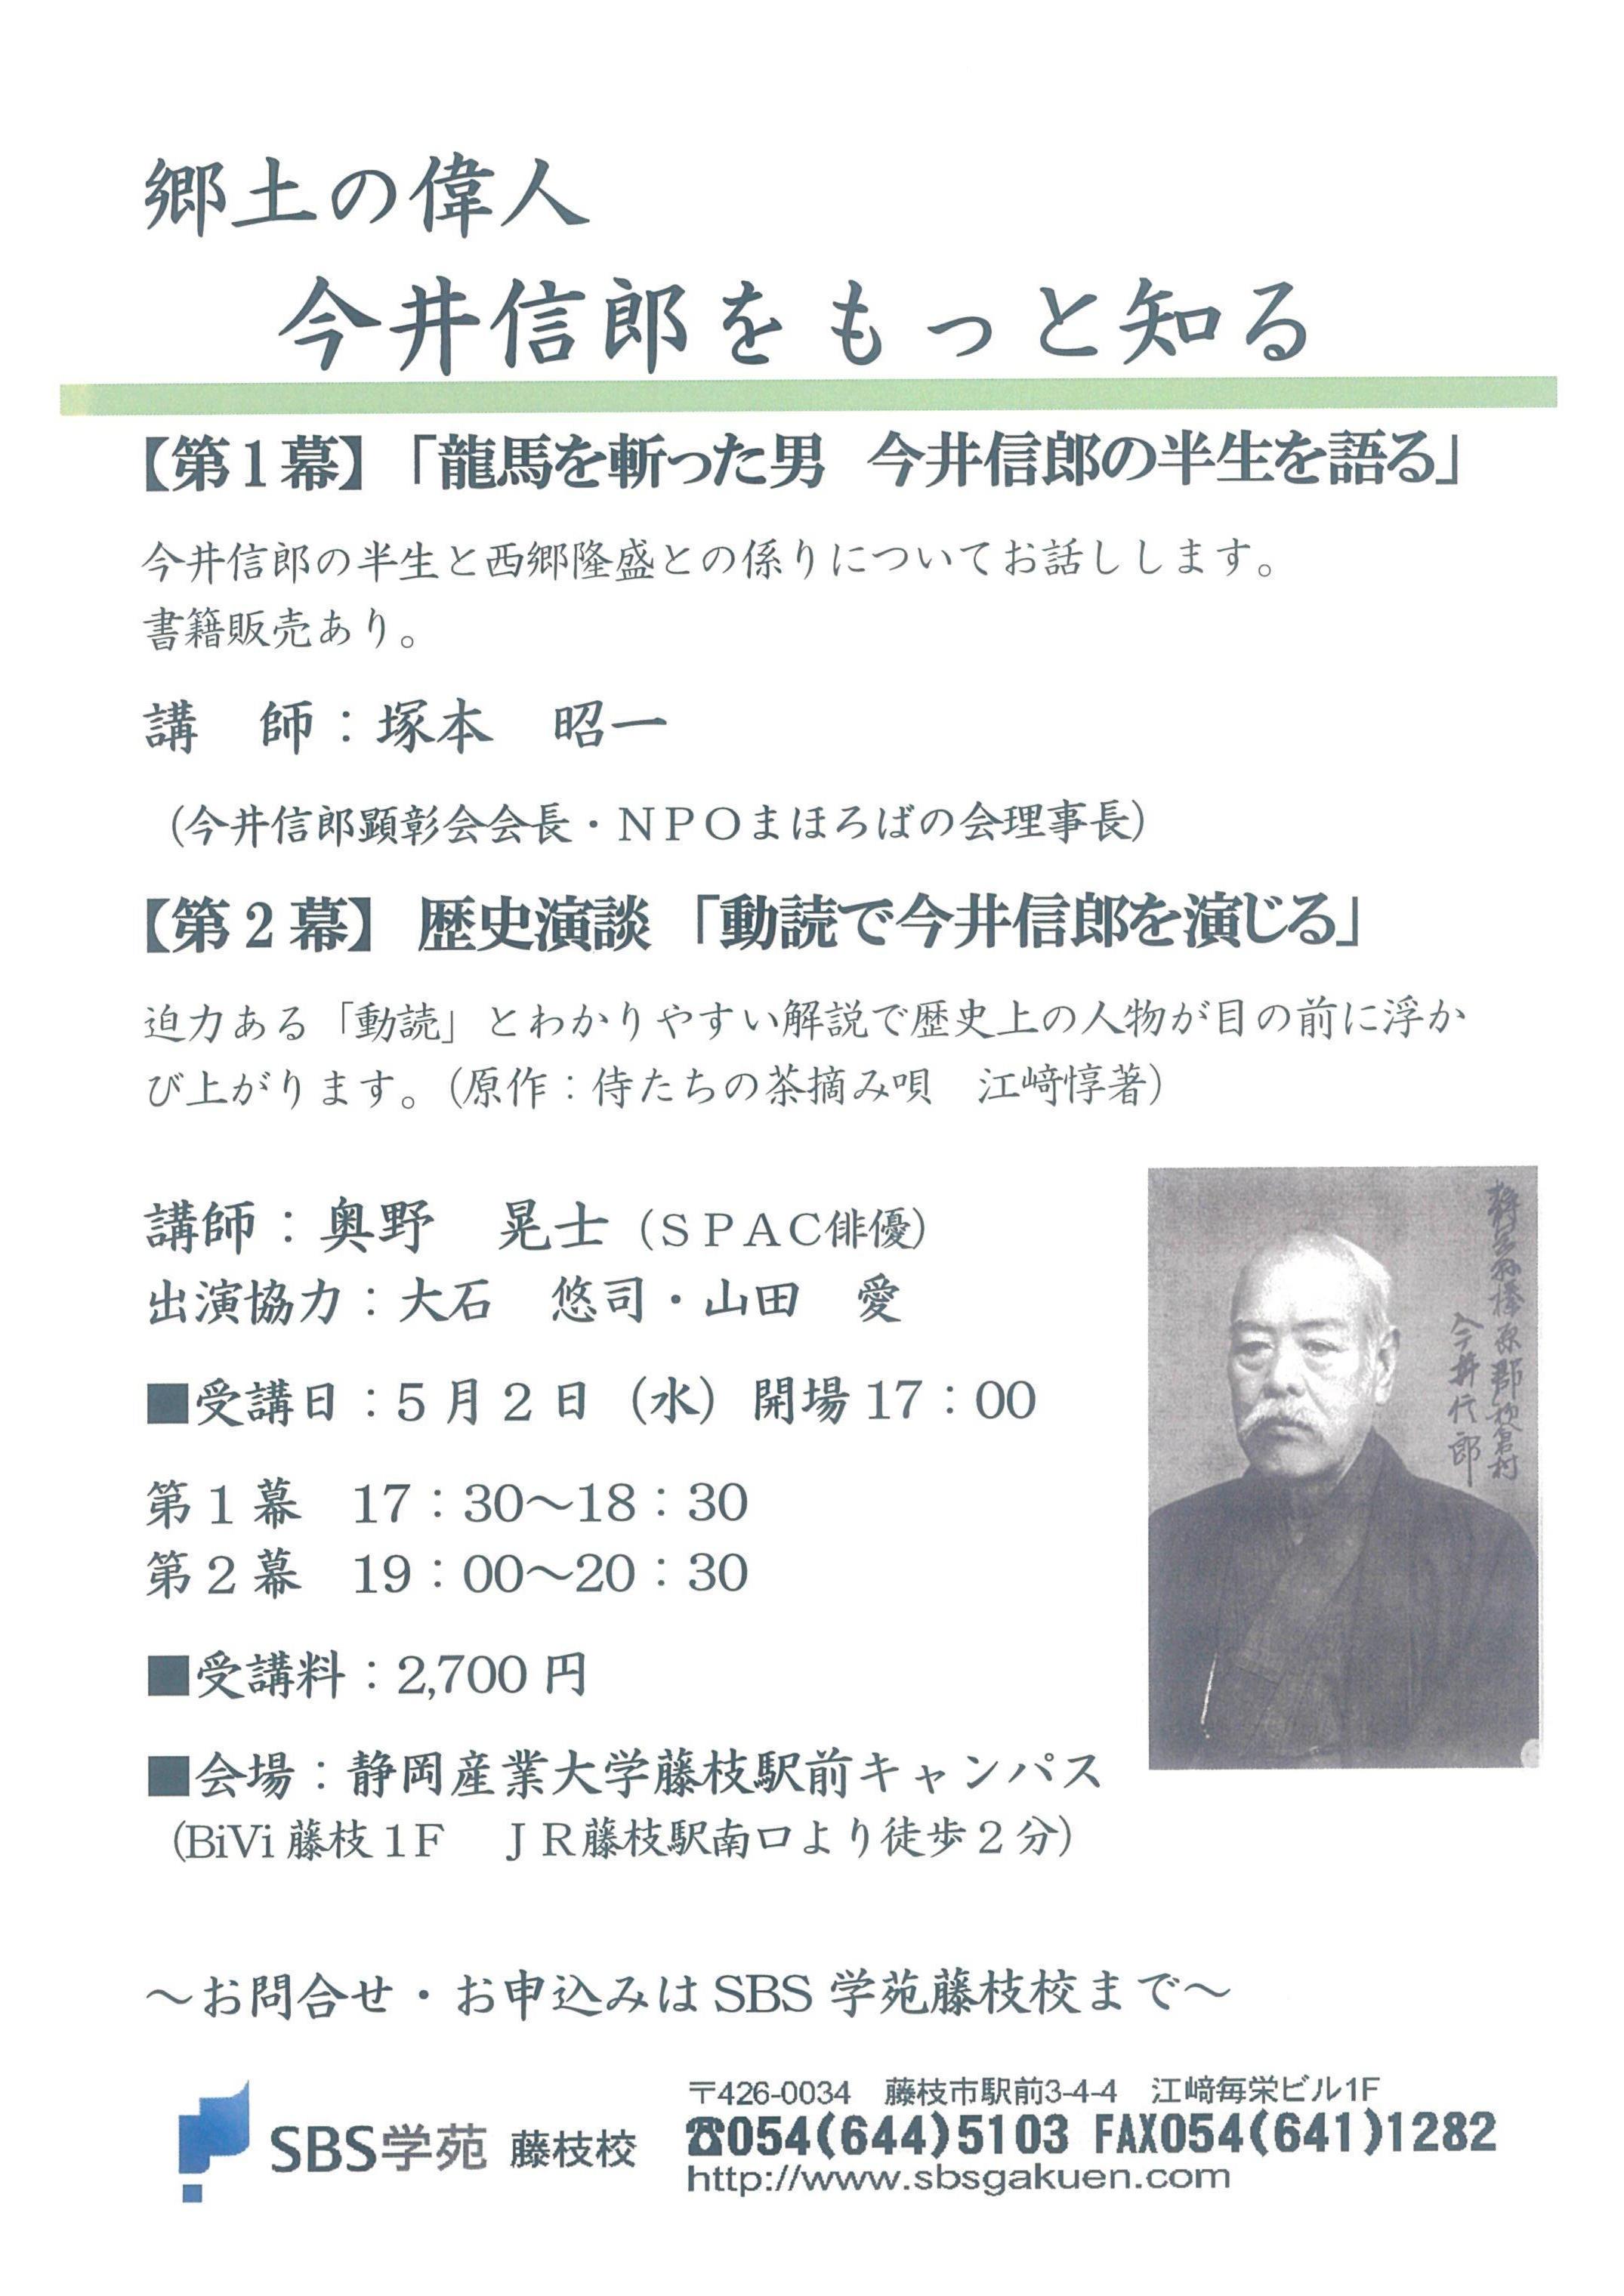 《チラシ》SBS藤枝「今井信郎」